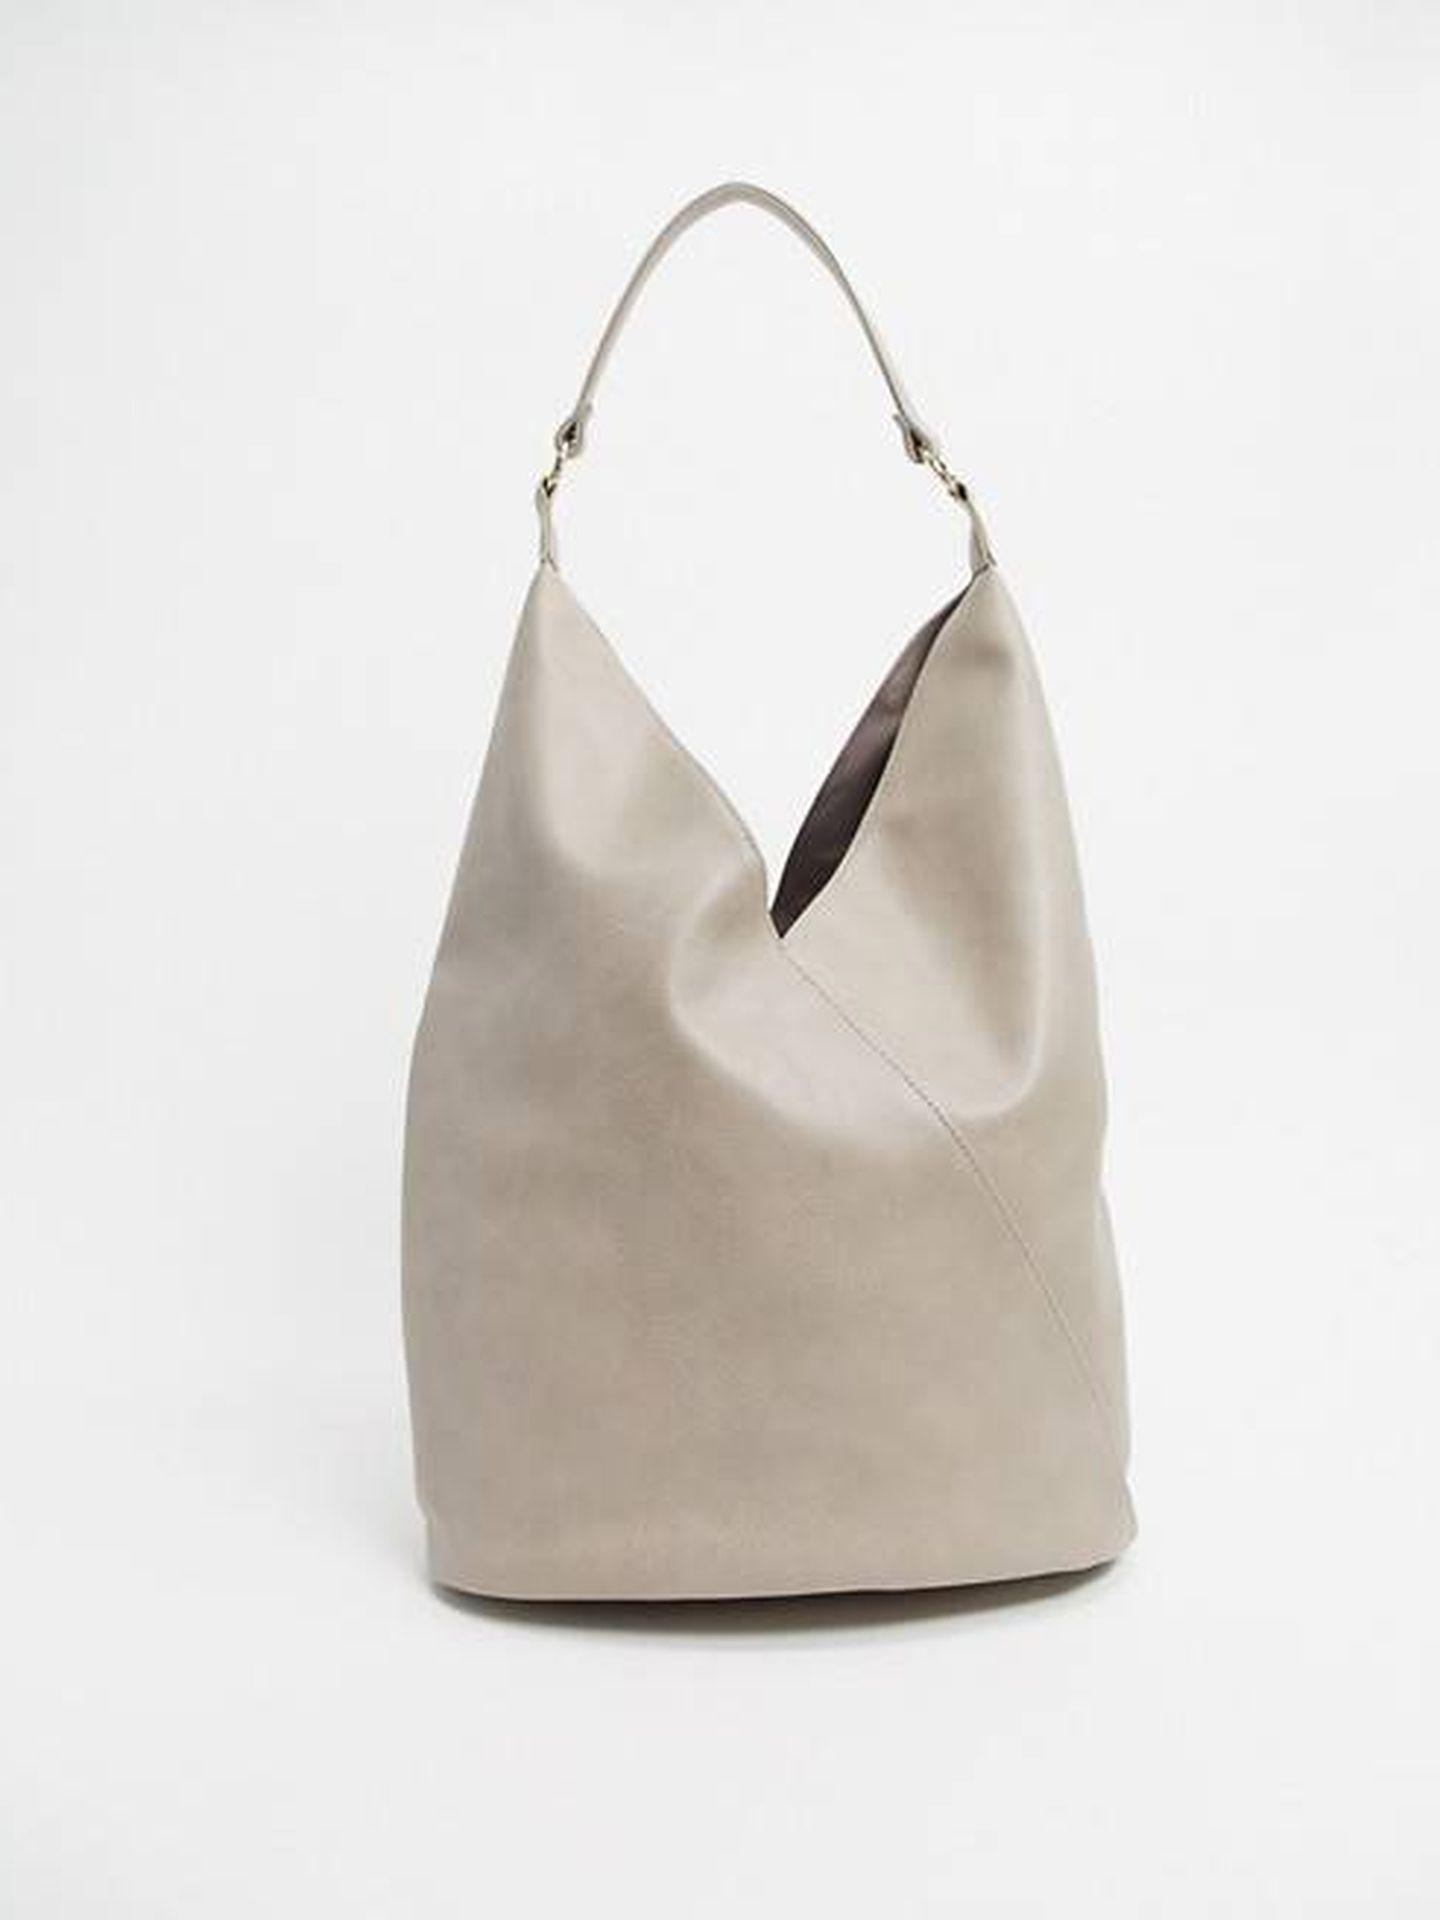 El bolso de Glamorous. (Cortesía)